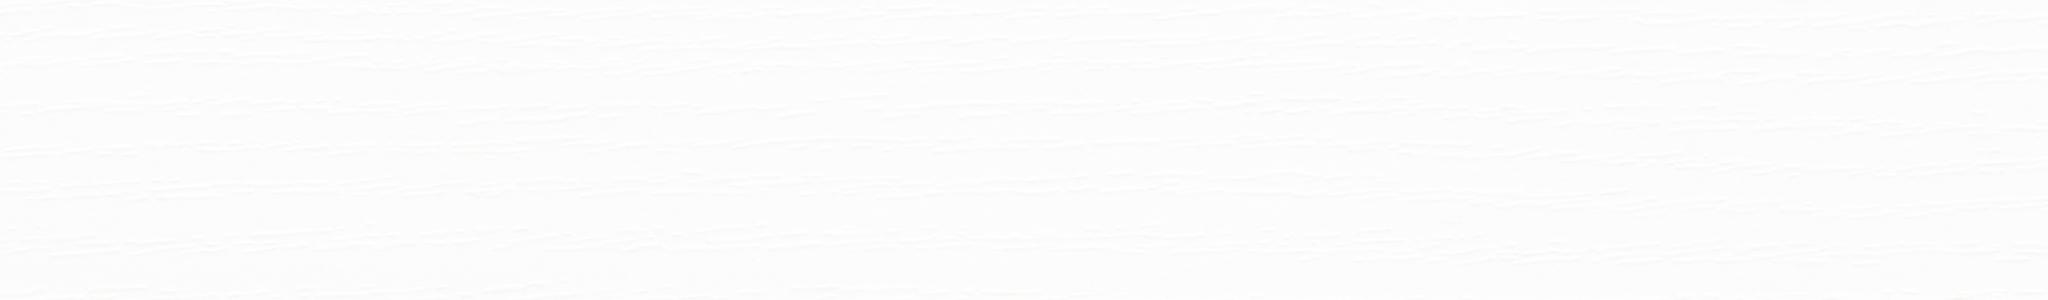 HU 501105 canto laminado FALZ blanco grabado